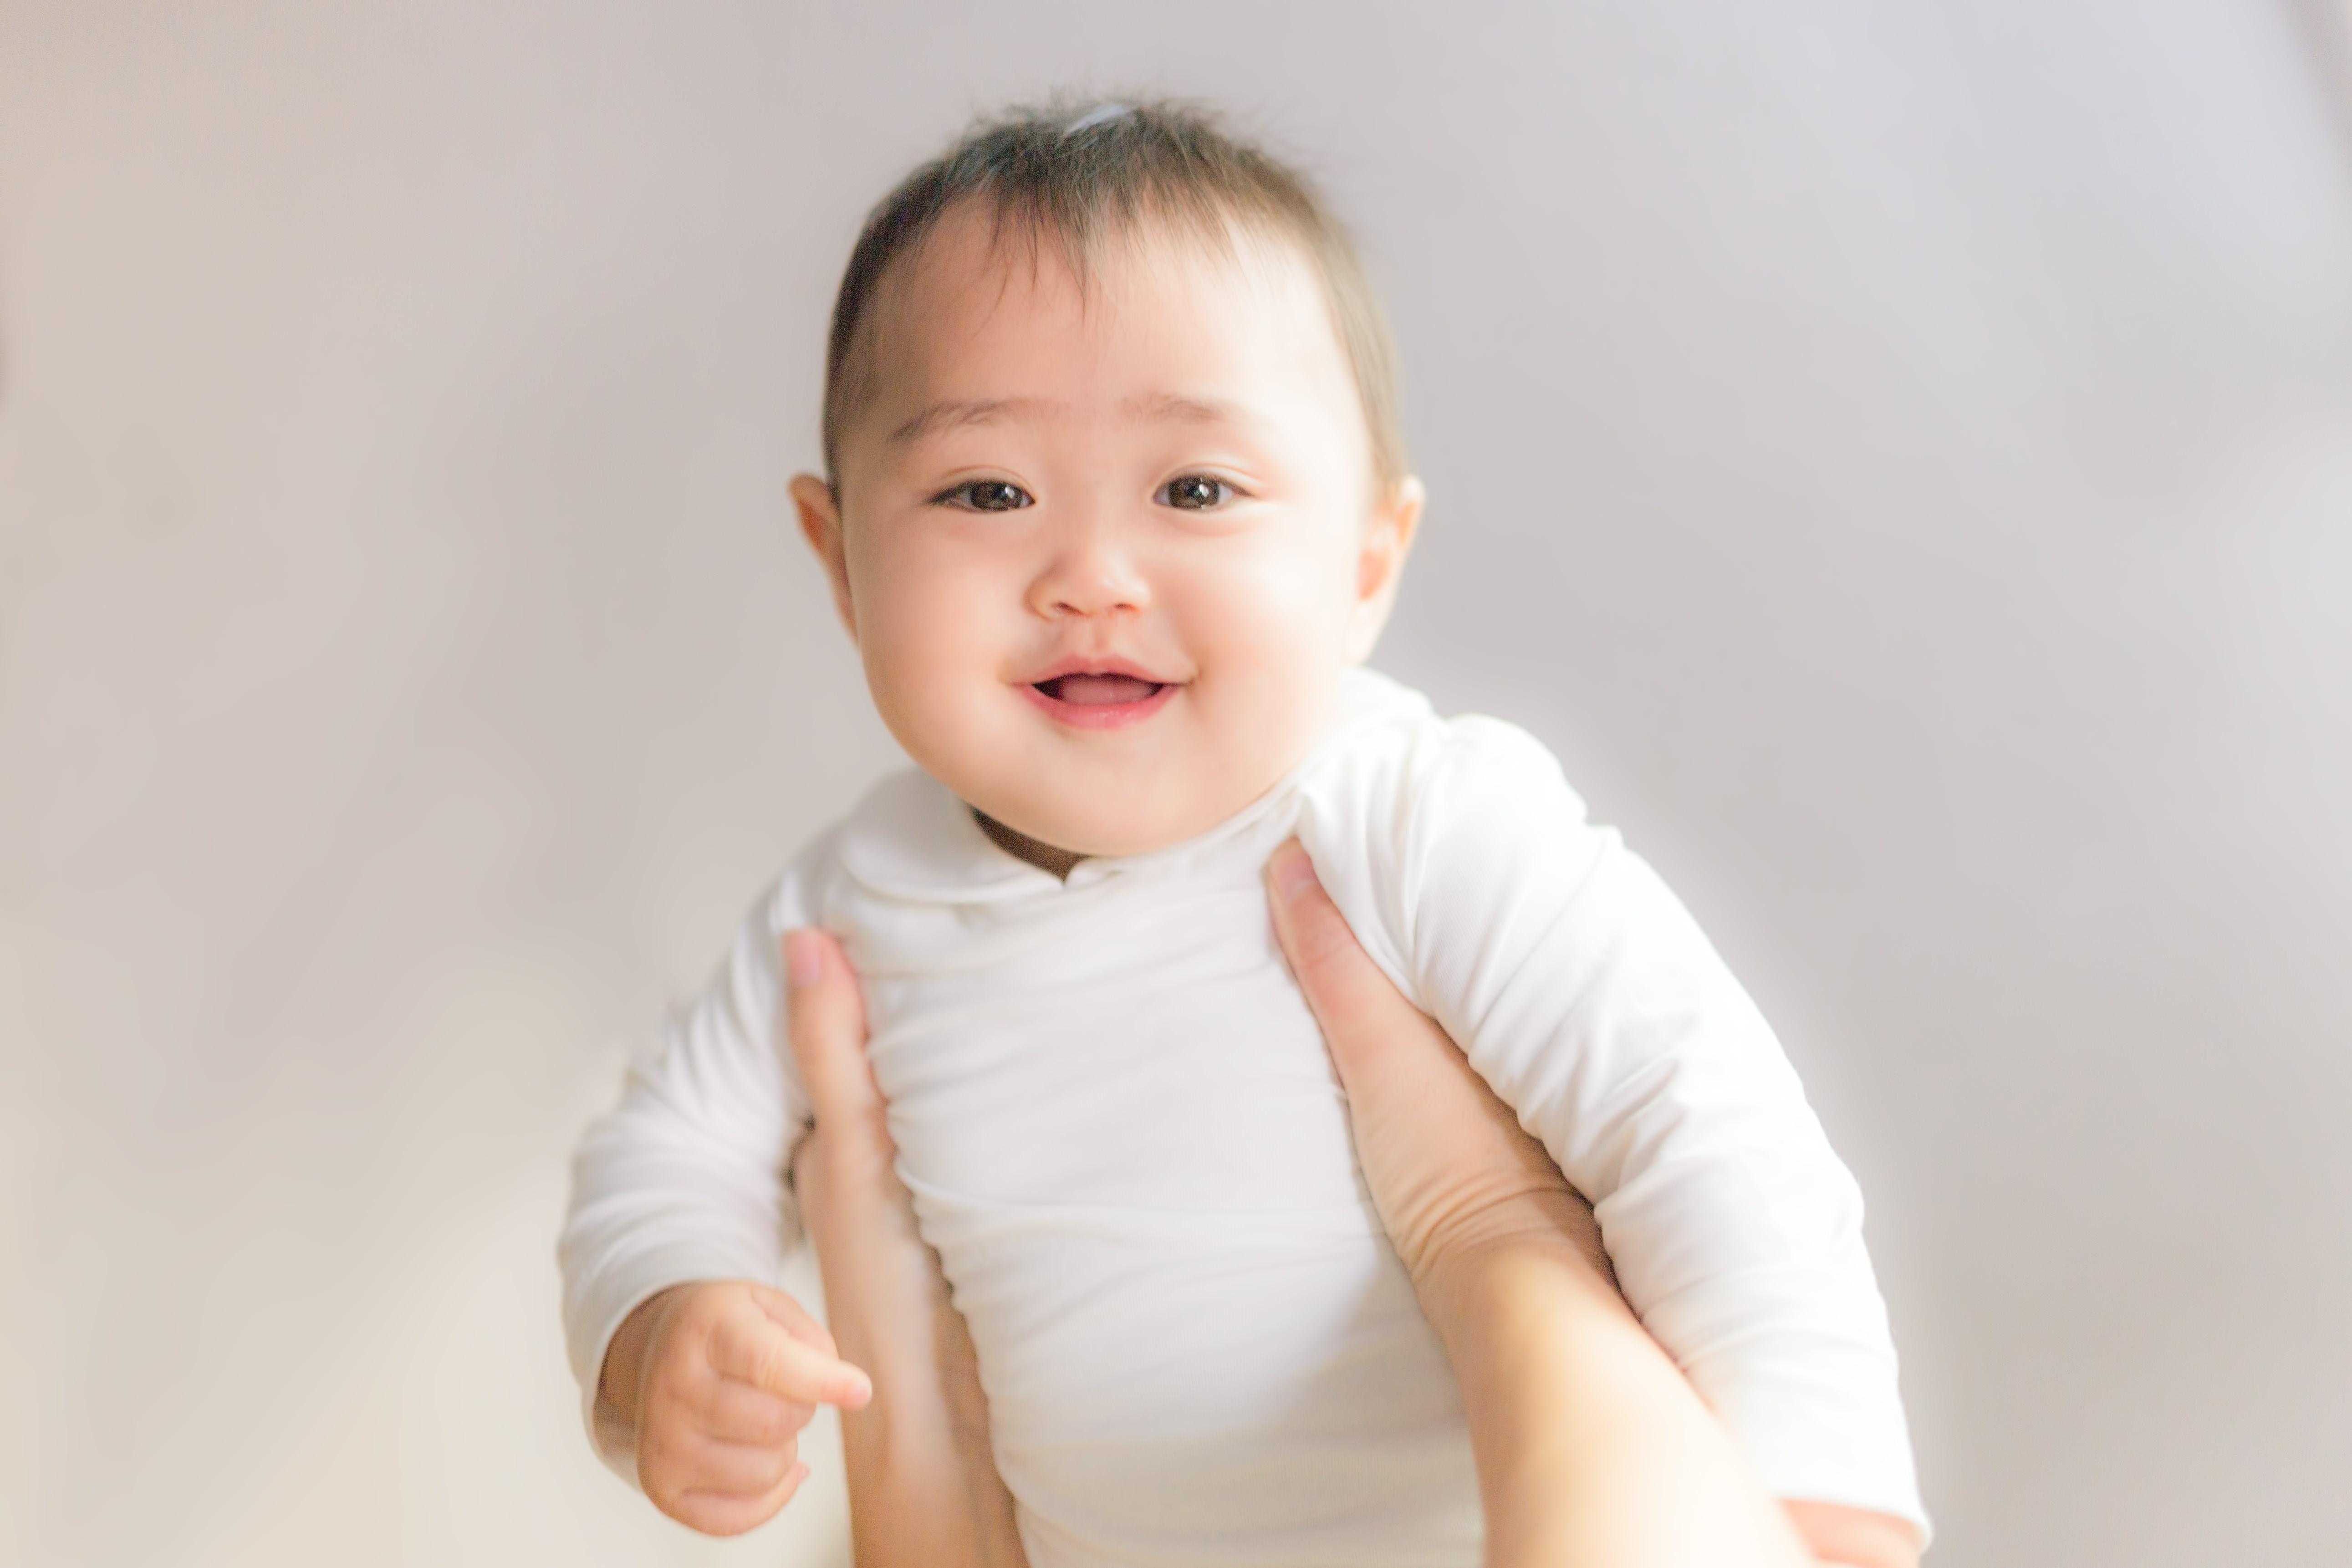 赤ちゃん返りは悪い事ではない!原因と対応する時の8つのポイントを解説!